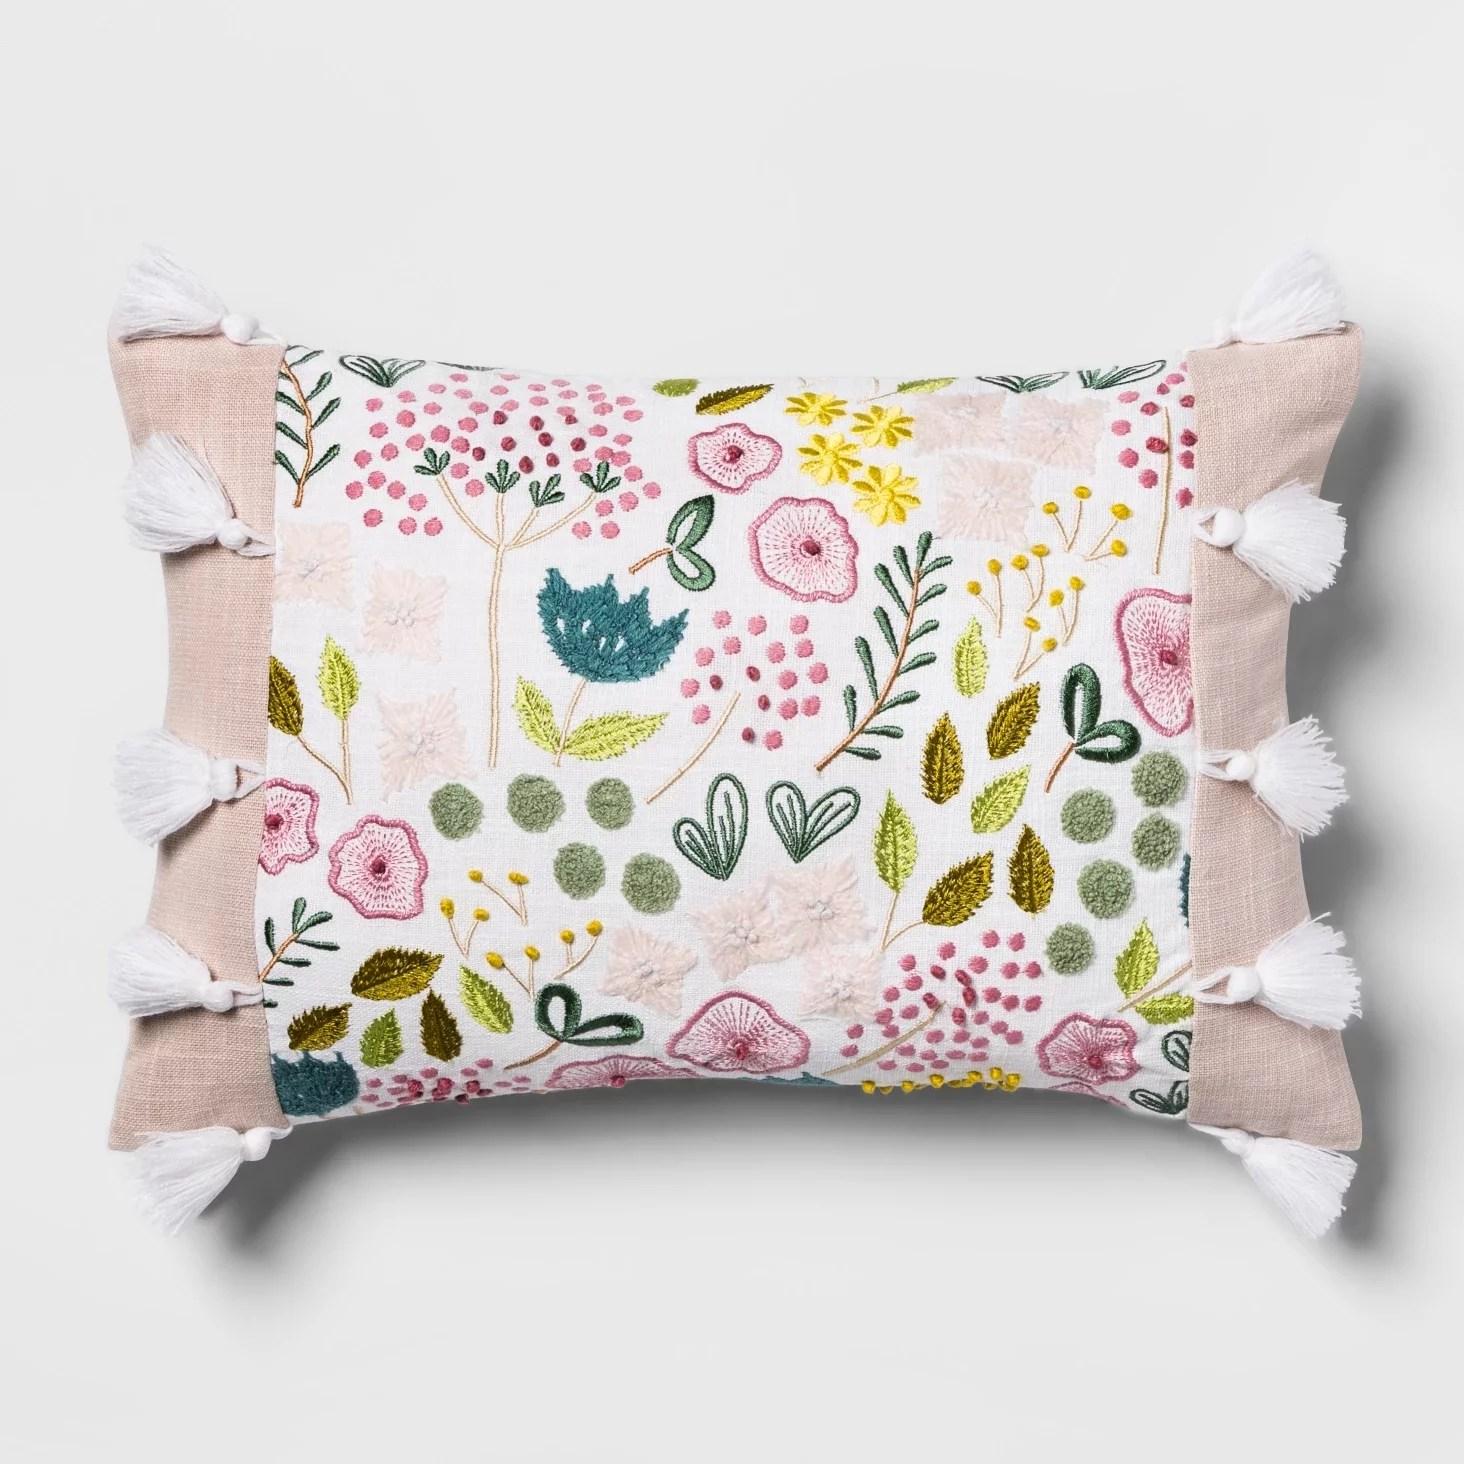 pink floral embroidered lumbar pillow